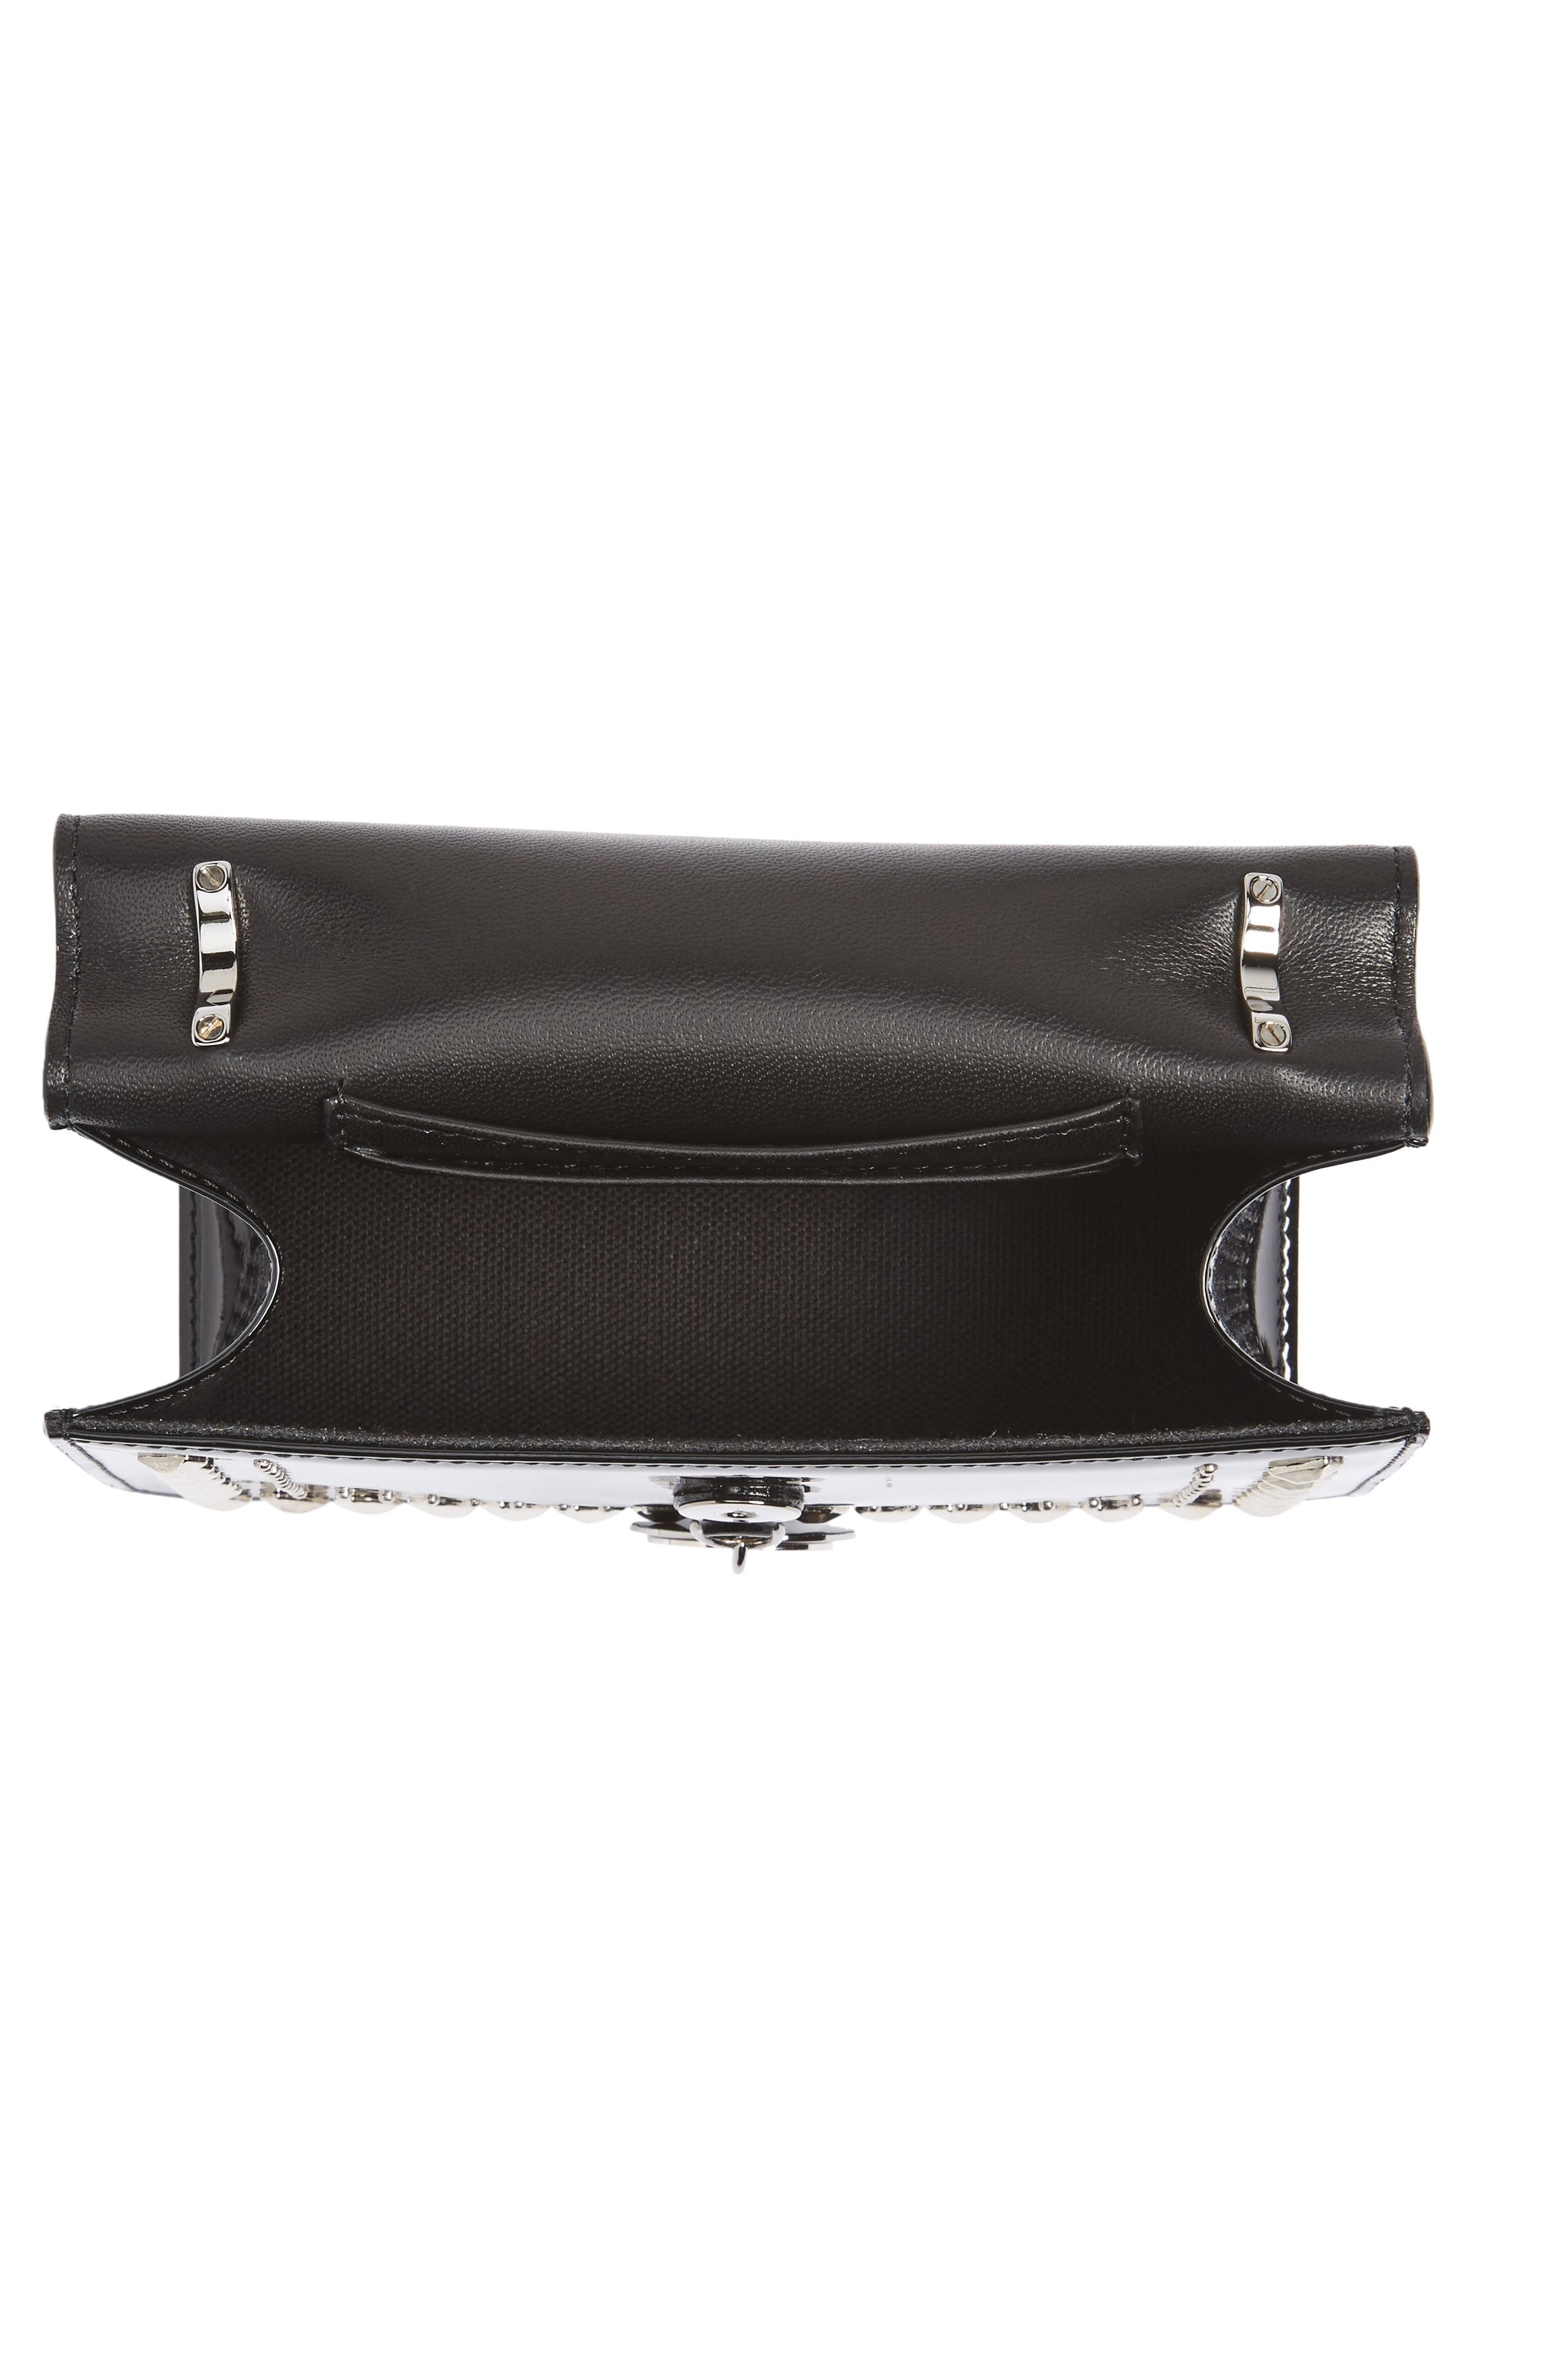 Finley Studded Leather Shoulder Bag,                             Alternate thumbnail 4, color,                             Black